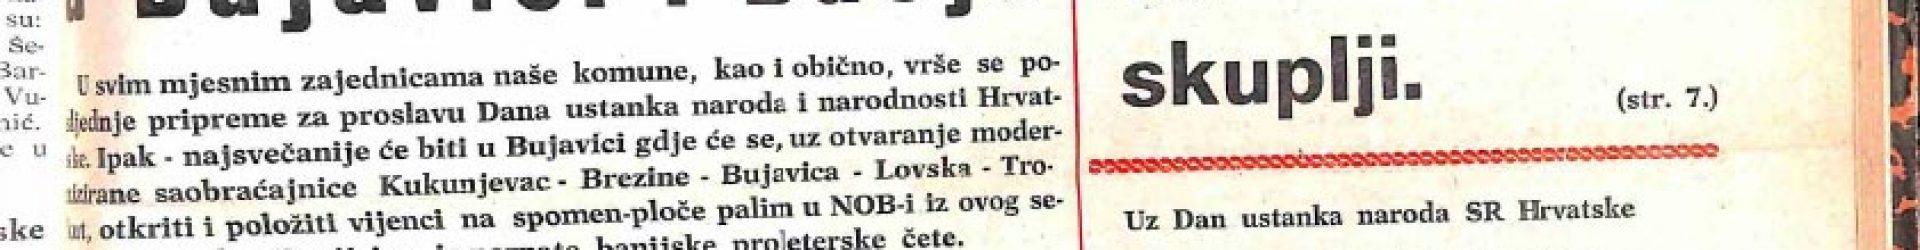 25 srpnja 1978